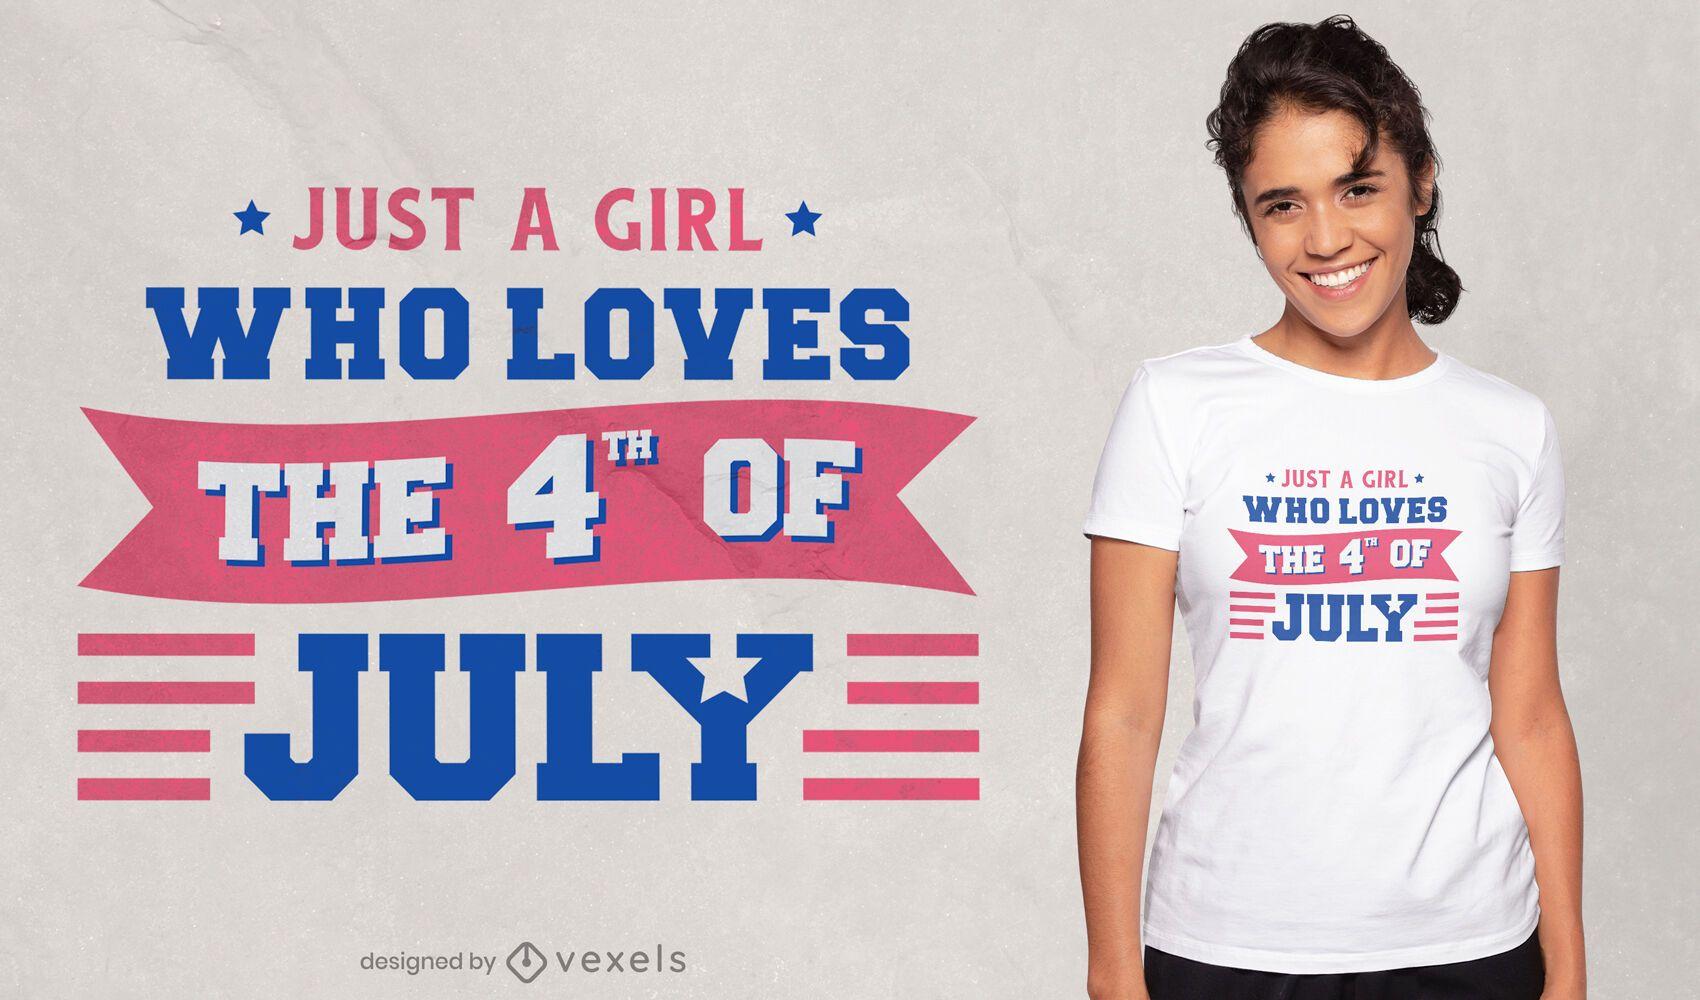 Fourth of July Liebe Mädchen Zitat T-Shirt Design